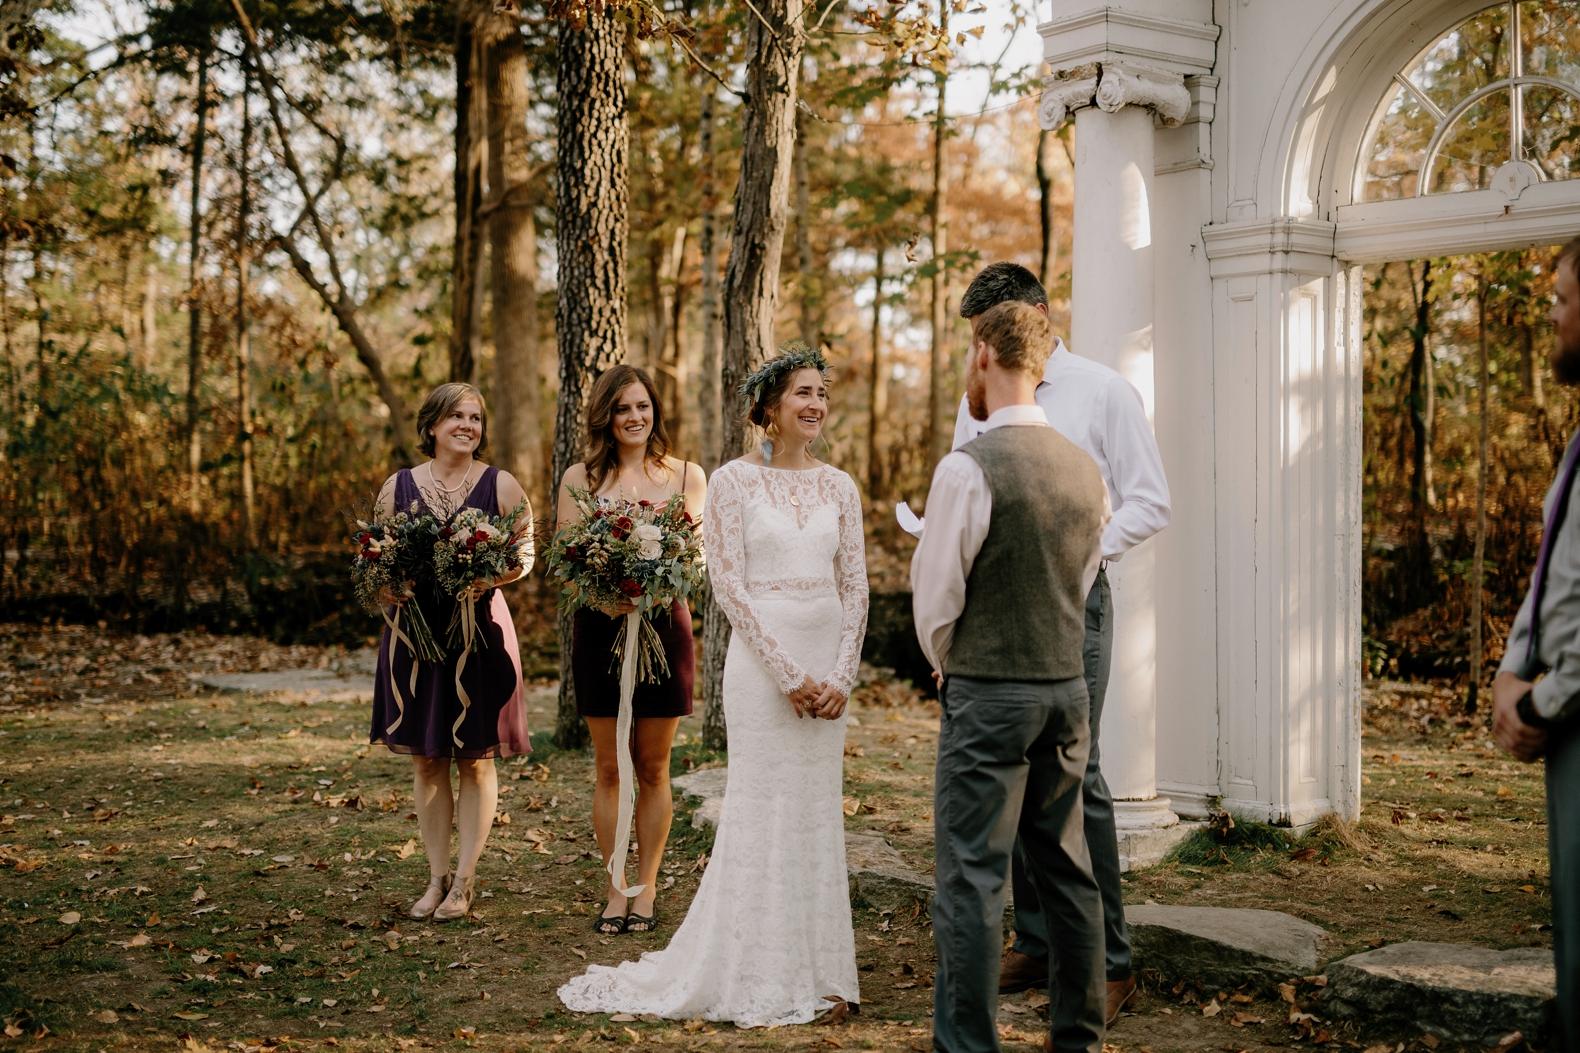 nashville-outdoor-wedding-0051